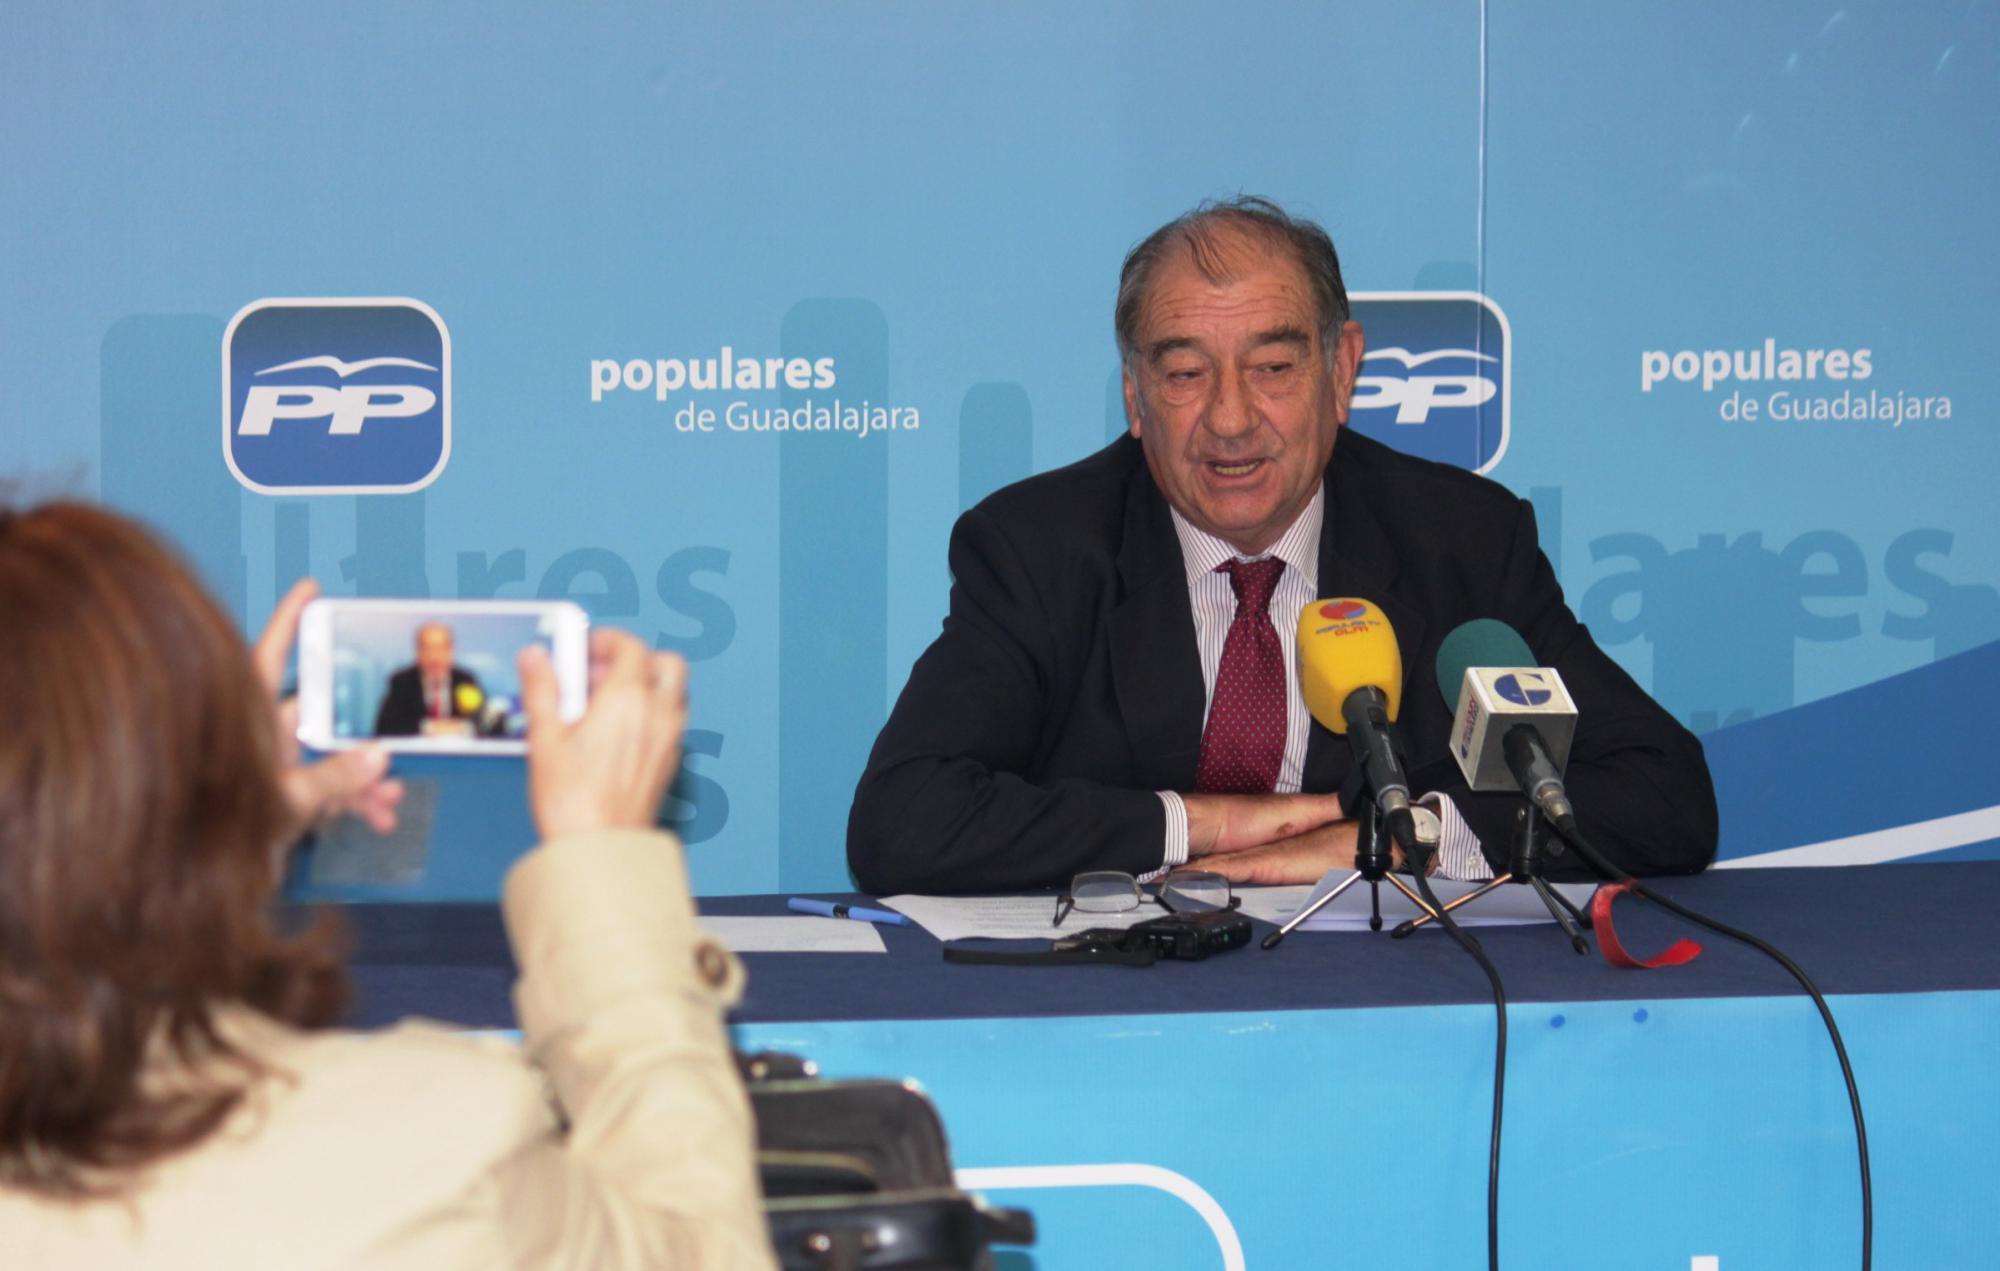 """Herrero: """"El Gobierno ha puesto en marcha un programa de reformas, sin precedentes, para la regeneración democrática"""""""